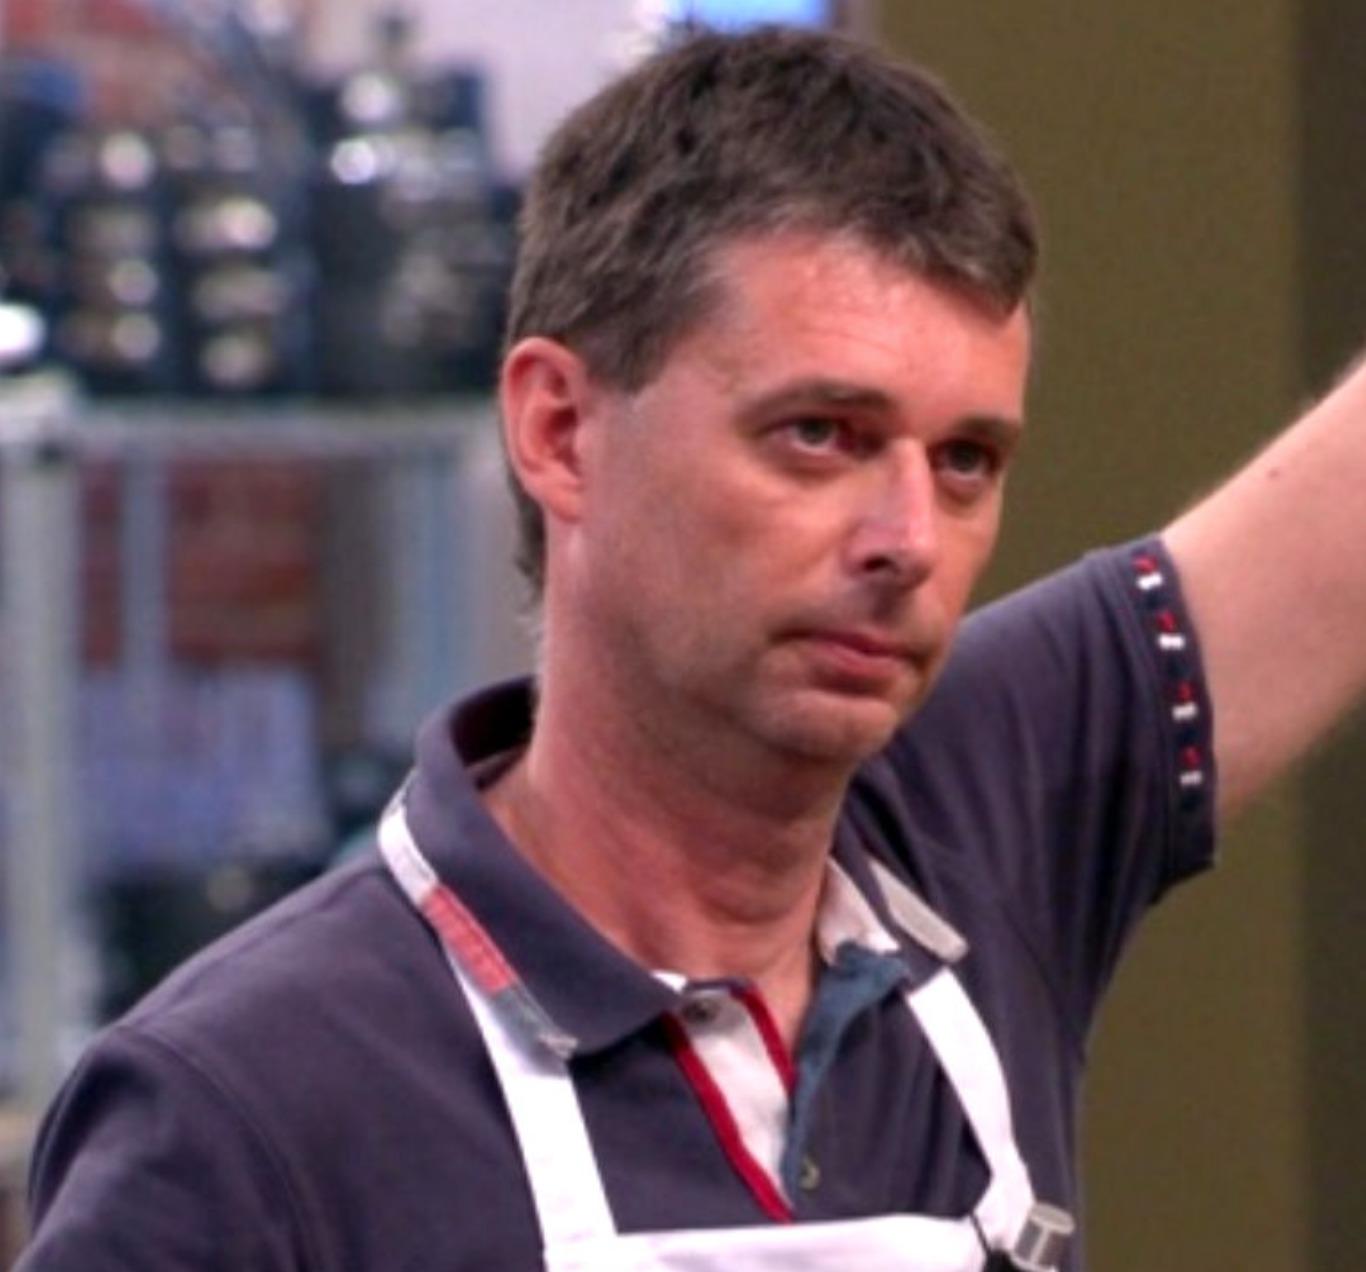 paolo armando morto cuoco masterchef